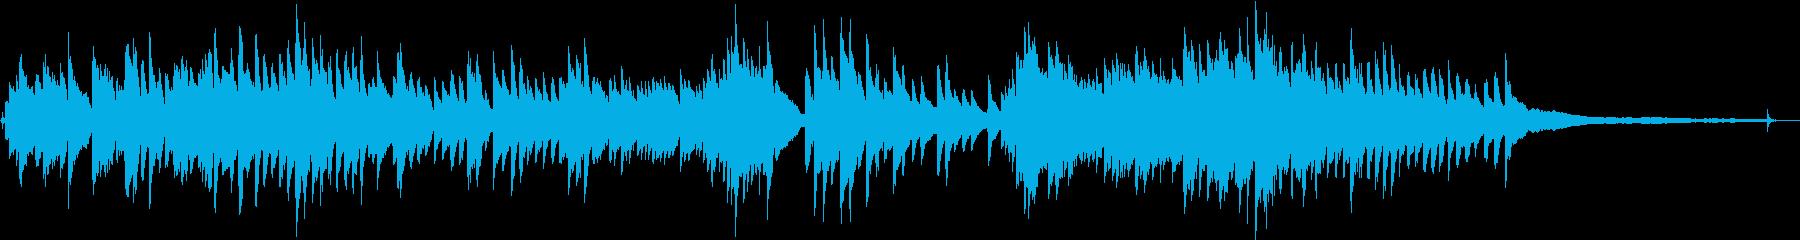 切ないピアノの再生済みの波形